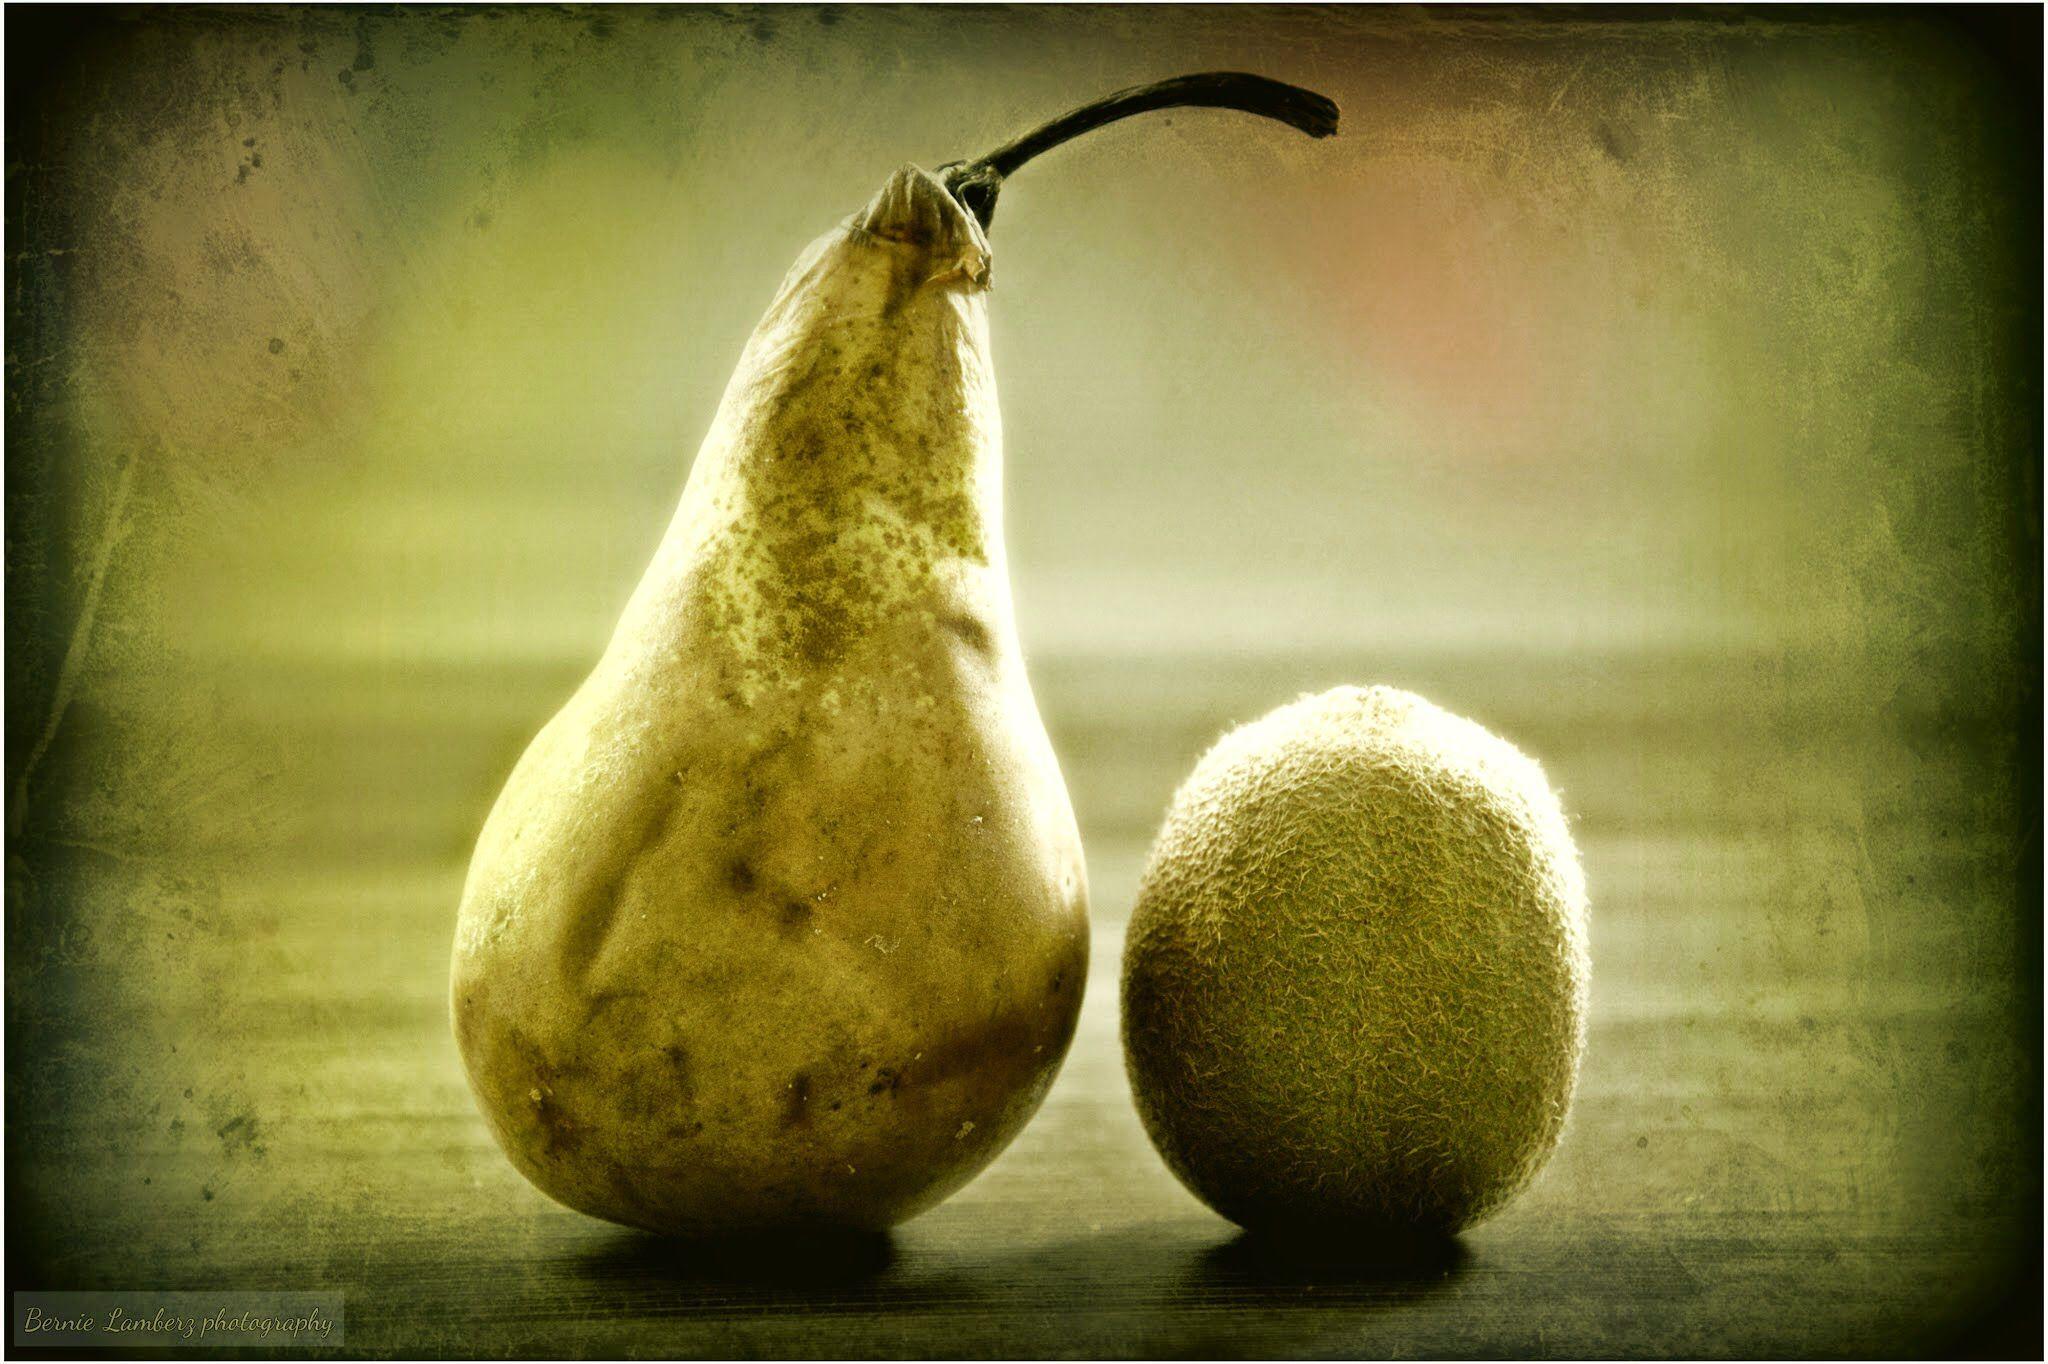 """""""Legt man eine Zitrone neben eine Orange, so hören sie auf, Zitrone und Orange zu sein. Sie werden Früchte."""" - (Georges Braque)"""